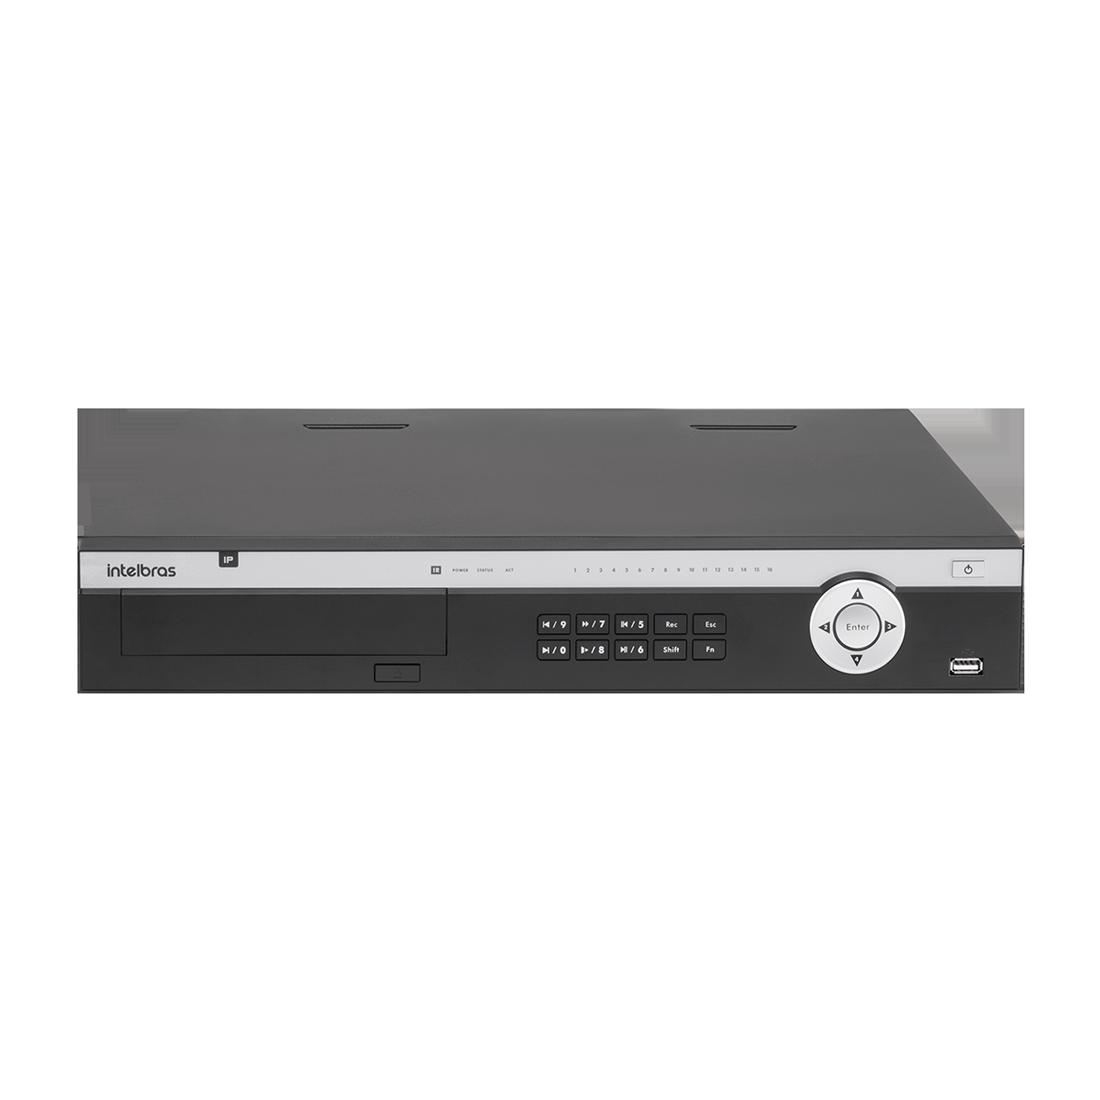 NVD 5124 C/ HD 10TB - GRAV. DIG. DE VÍDEO EM REDE PARA ATÉ 24 CANAIS IP EM FULL HD @ 30 FPS, SUPORTA CÂMERA FISHEYE, INTELIGÊNCIA DE VÍDEO EM TODOS OS CANAIS, H.265, SUPORTE PARA 4HDS E SUPORTA CÂMERA  - Sandercomp Virtual